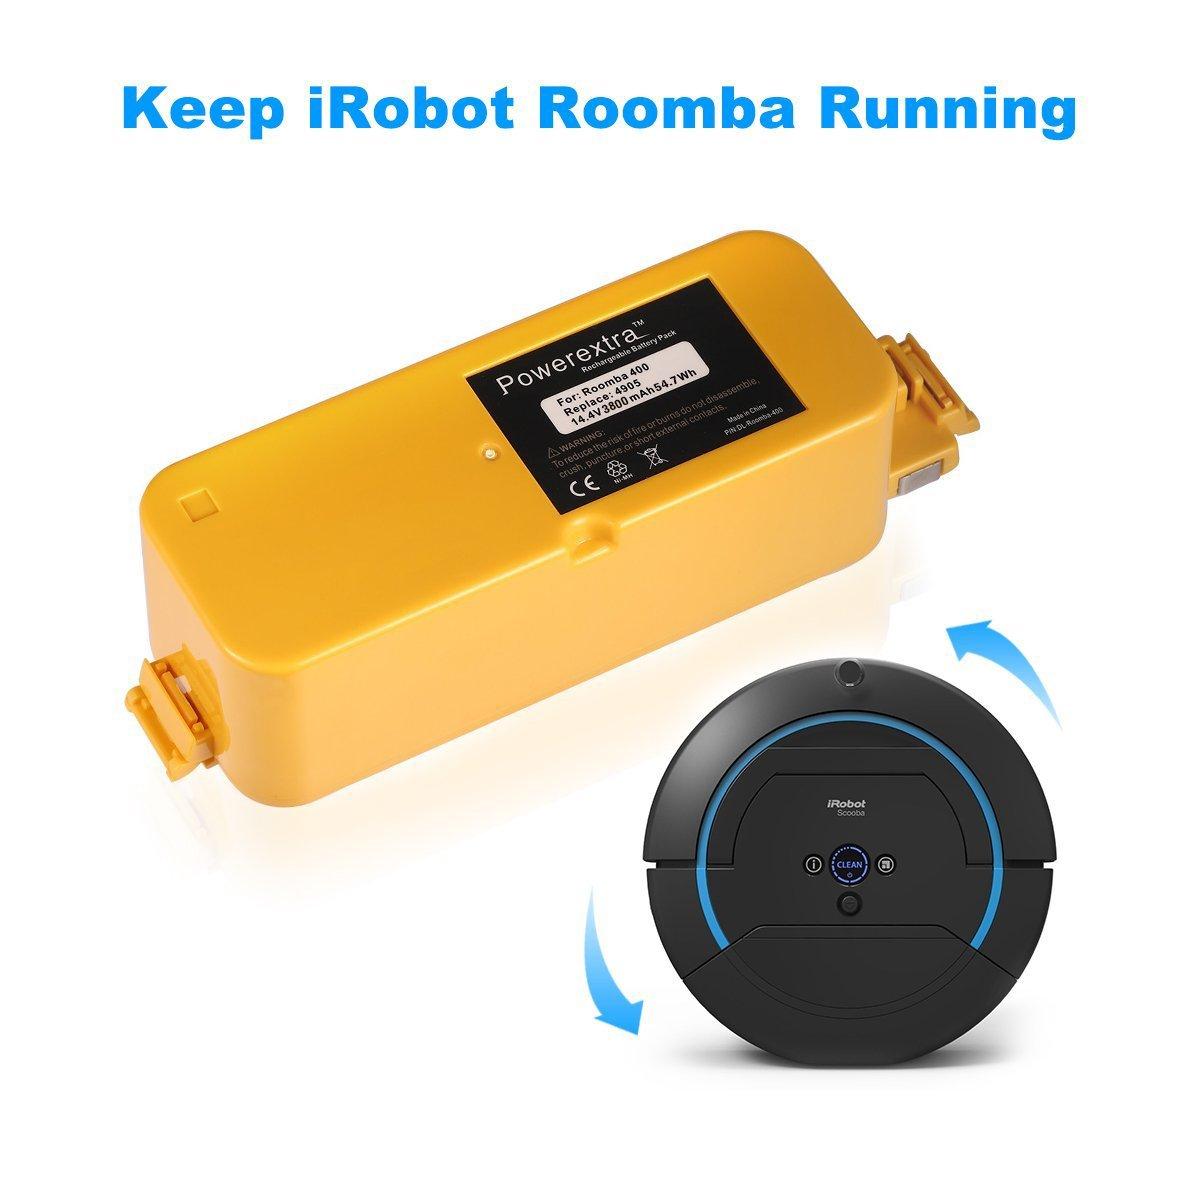 Powerextra 14,4 V 3500 mAh Ni-MH batería de repuesto para IROBOT ROOMBA 400 Series Roomba 400 405 410 415 416 418 4000 4100 4105 4110 4130 4150 4170 4188 ...